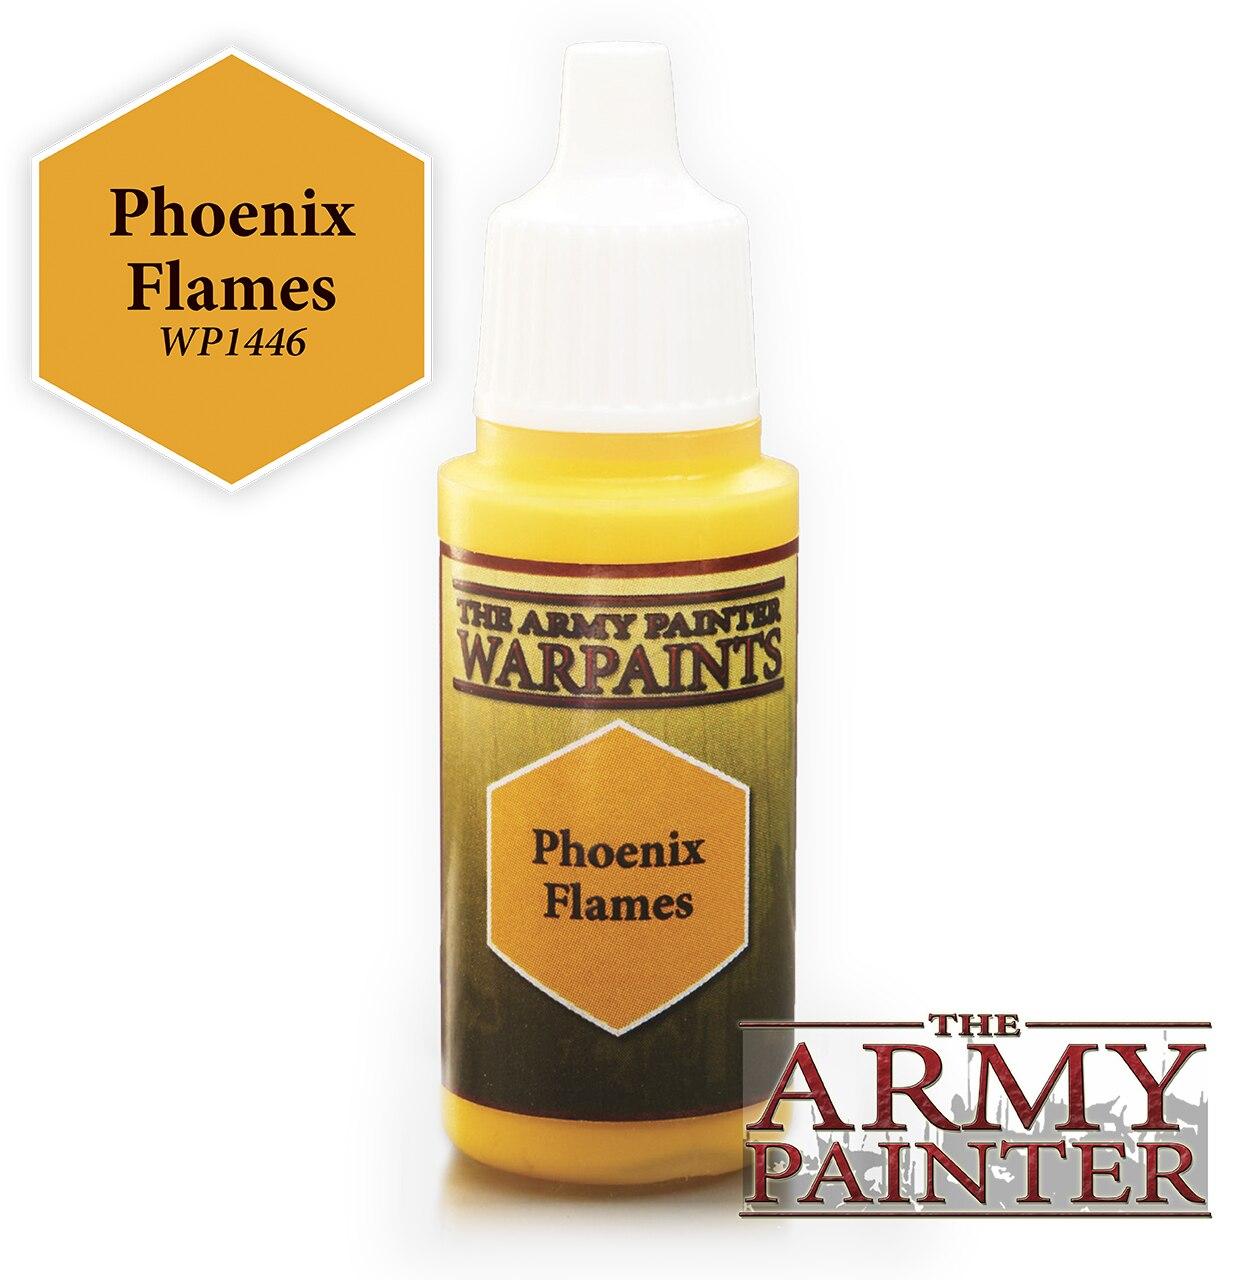 Army Painter Warpaint - Phoenix Flames